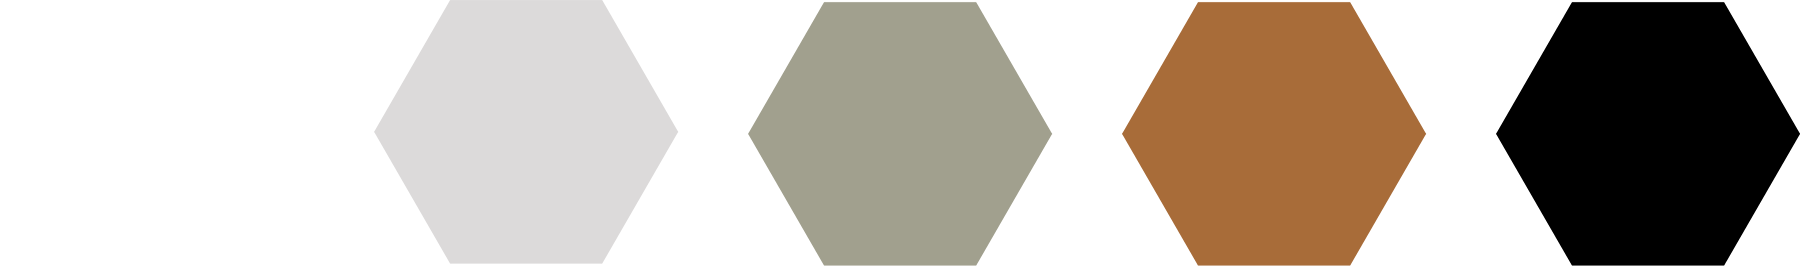 aspicio_colourpalette1